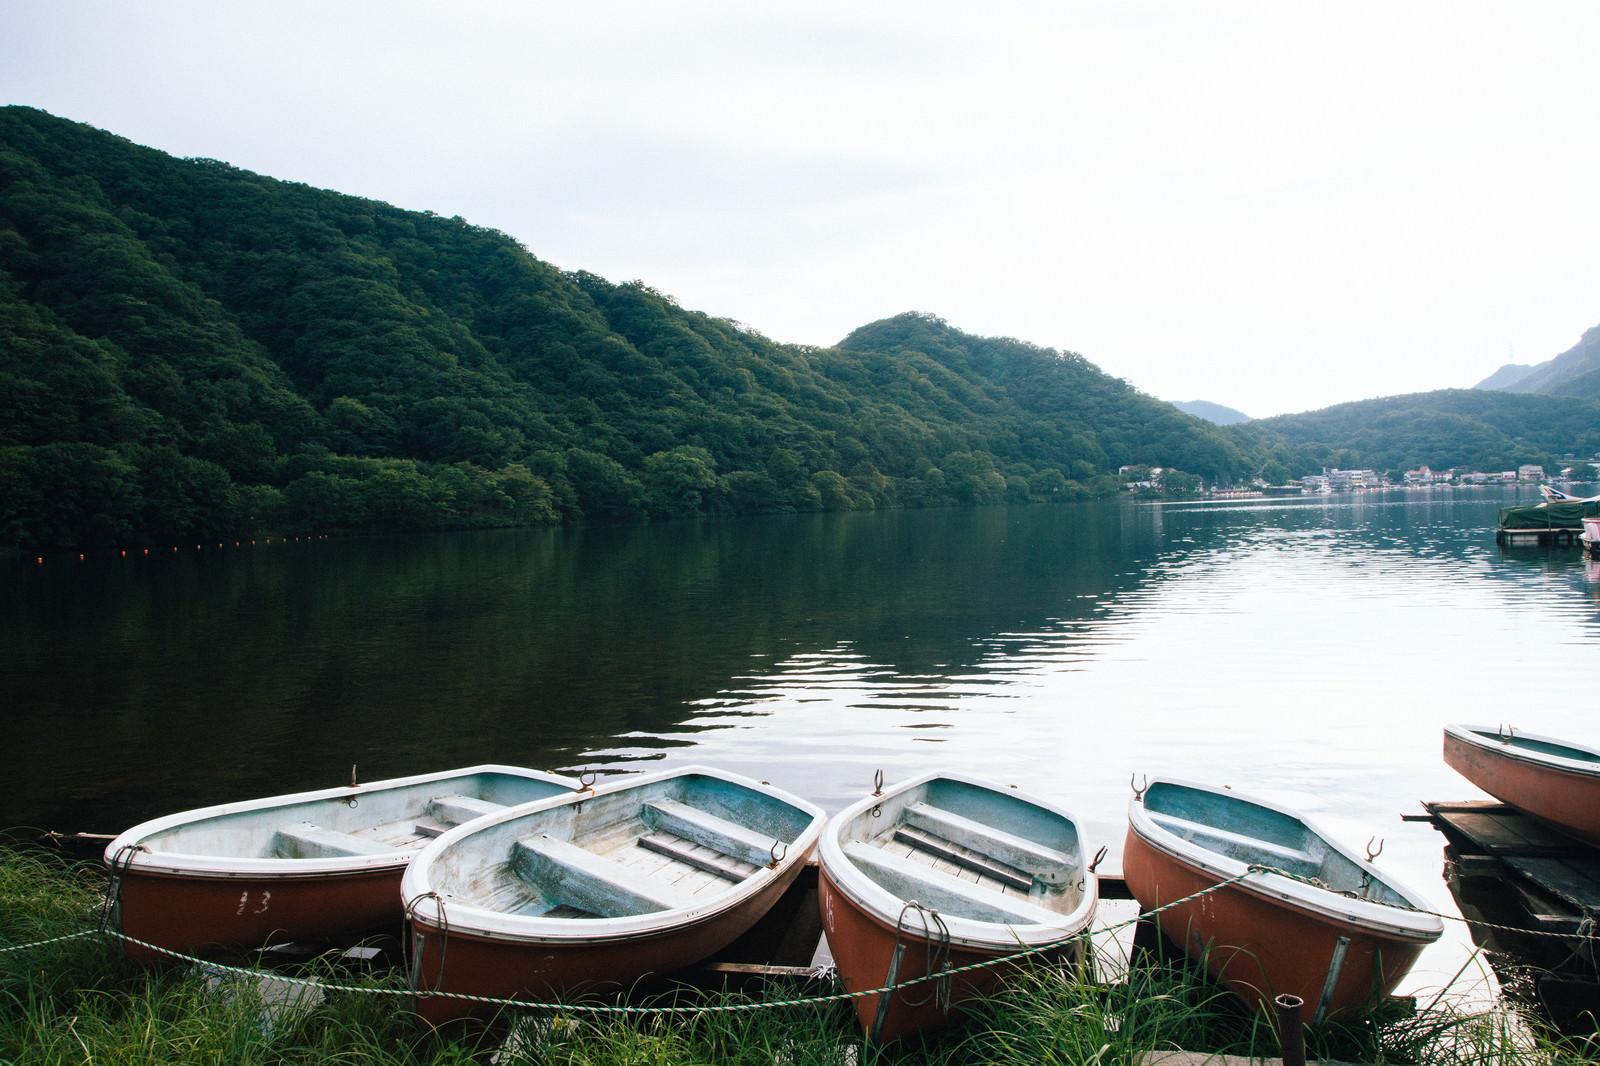 「榛名湖と貸しボート」の写真